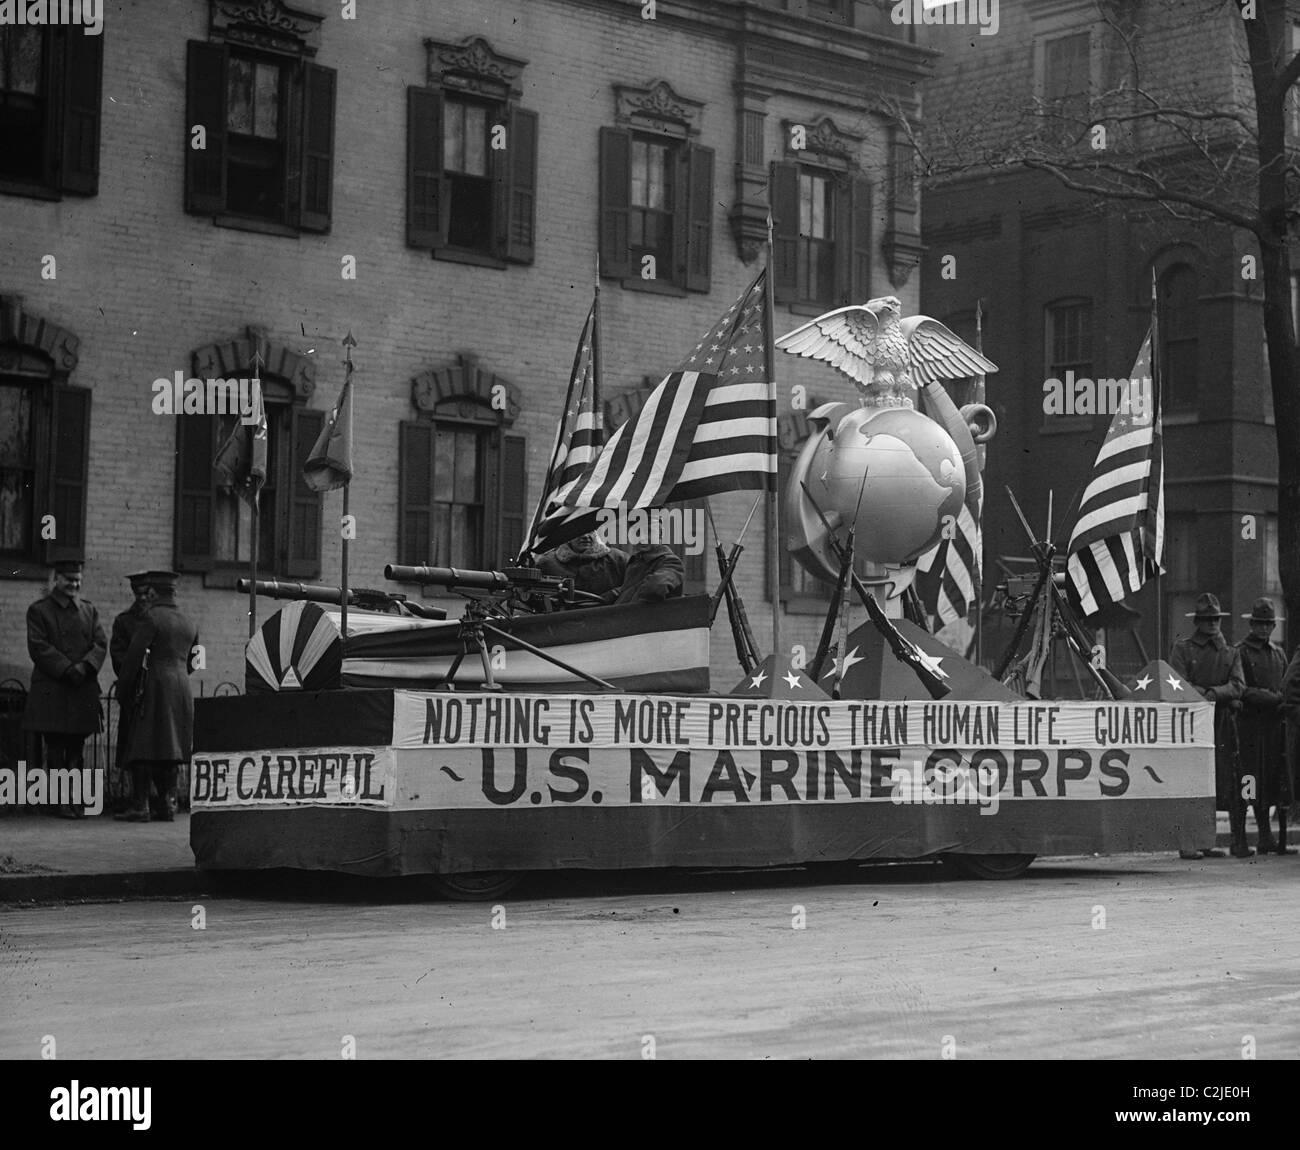 US Marine Corps Parade Float emphasizing recruitment - Stock Image